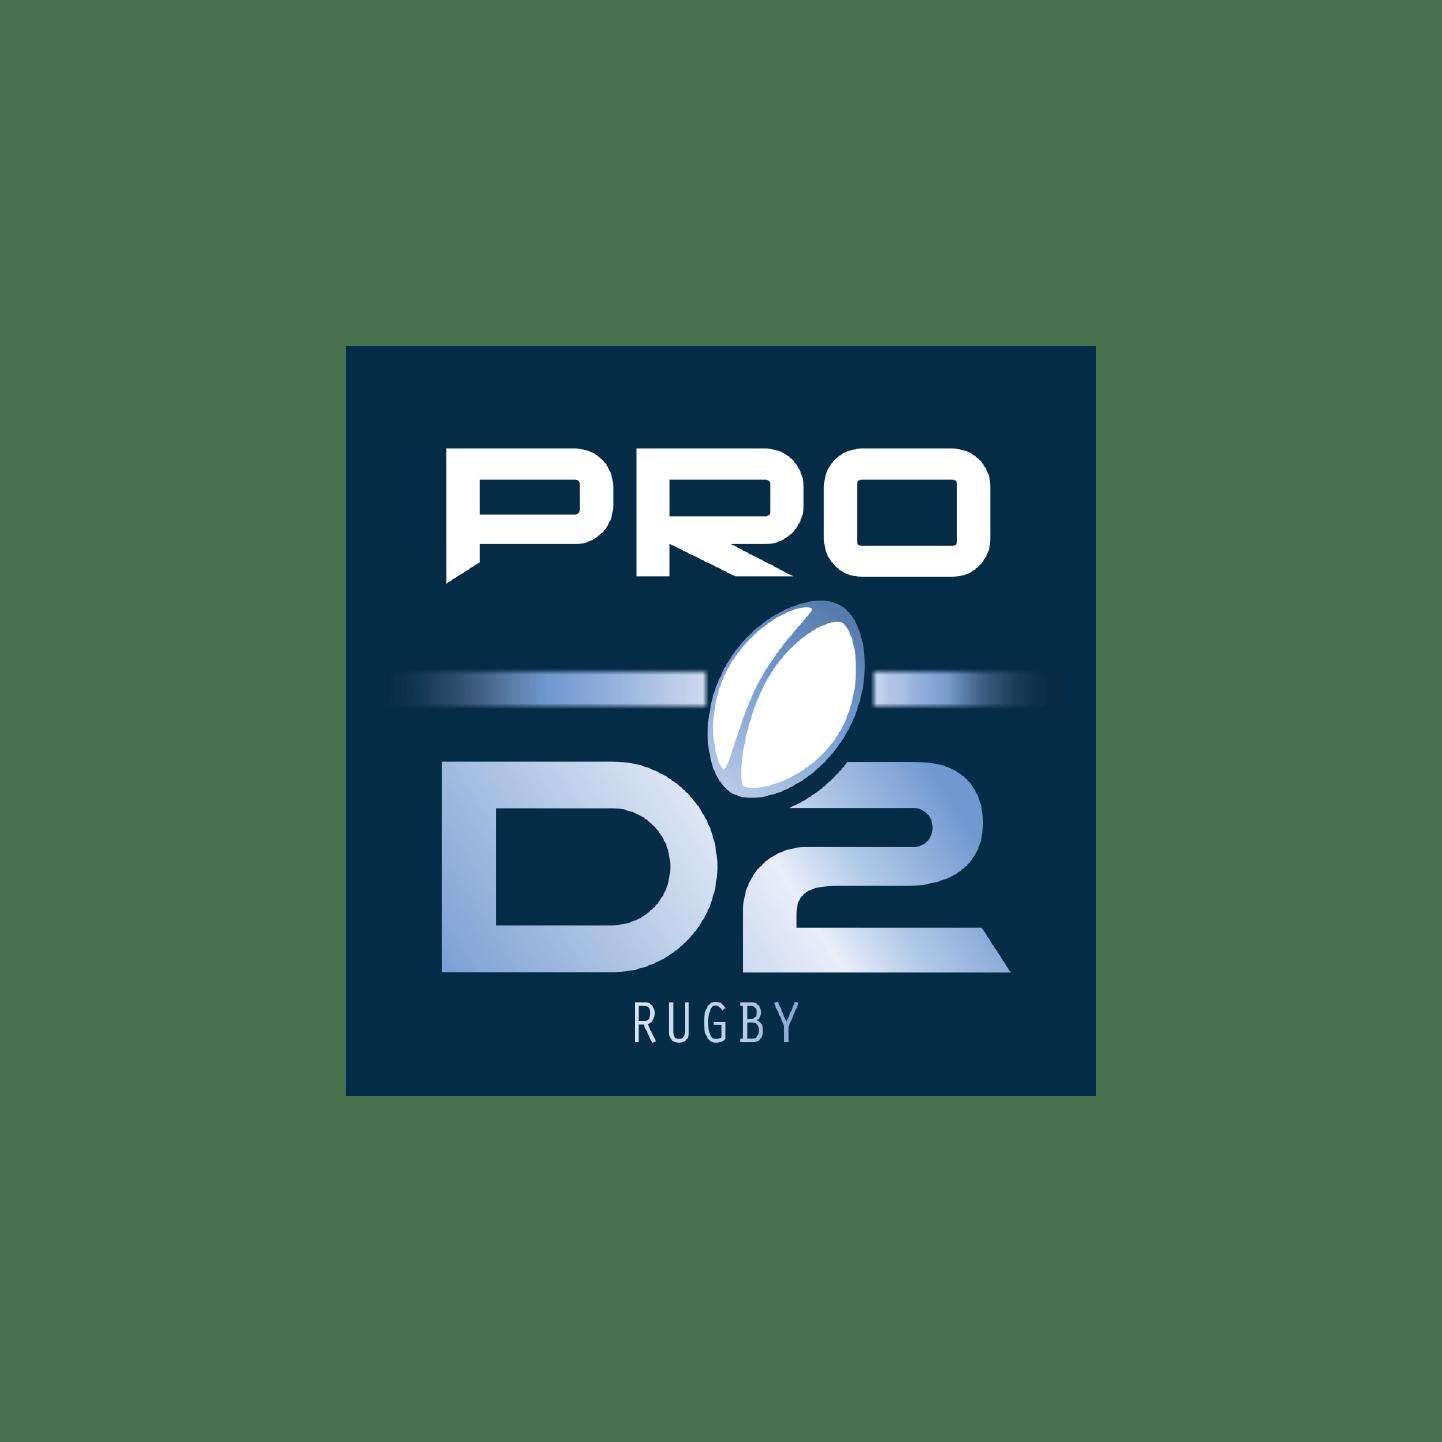 Logo Pro D2